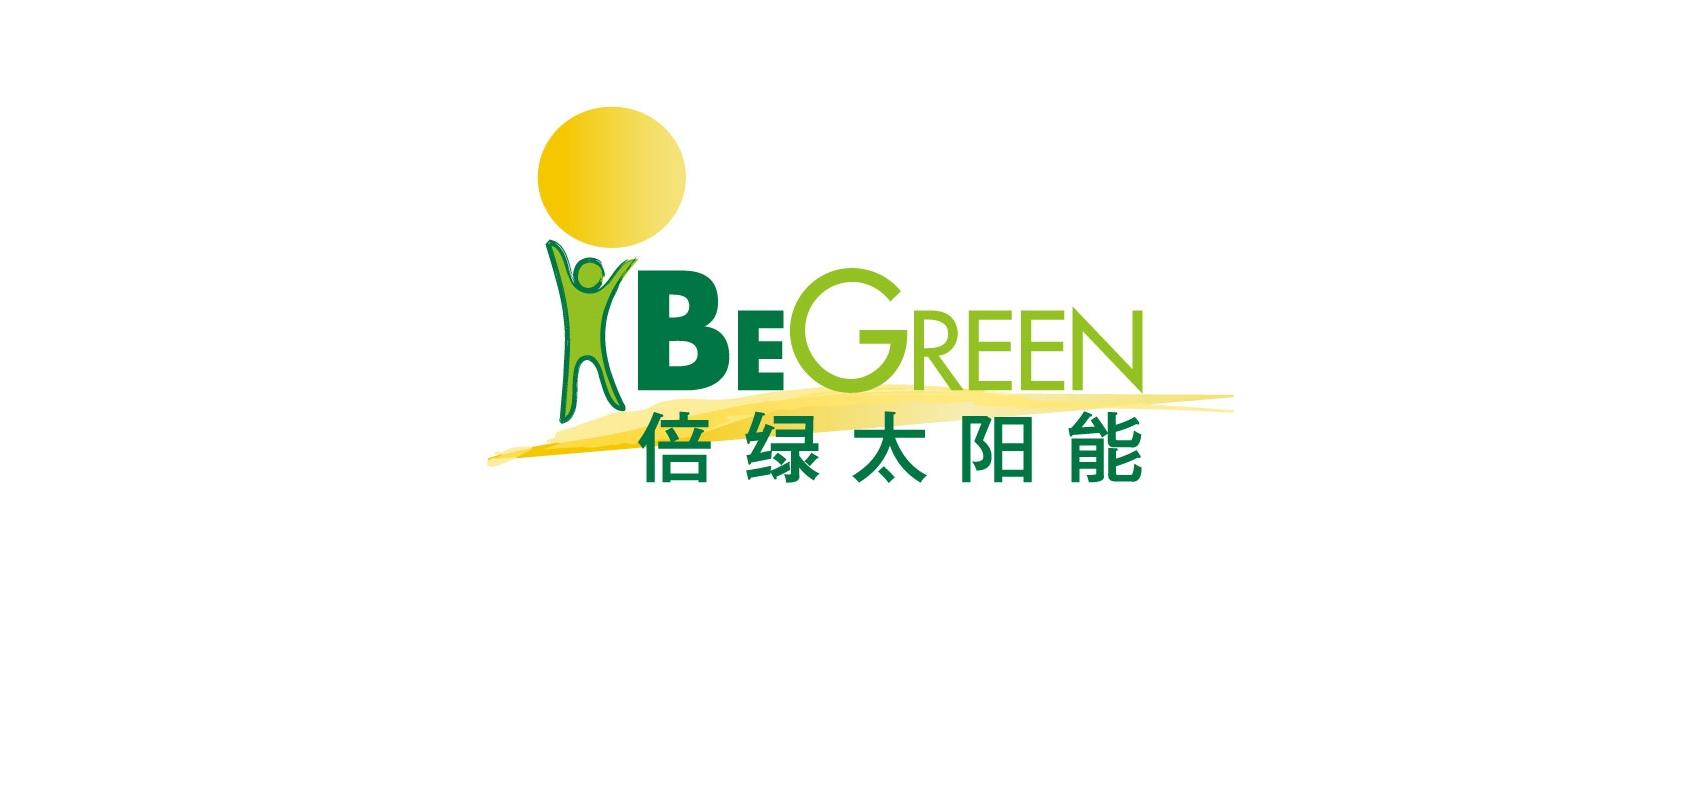 begreen是什么牌子_倍绿品牌怎么样?